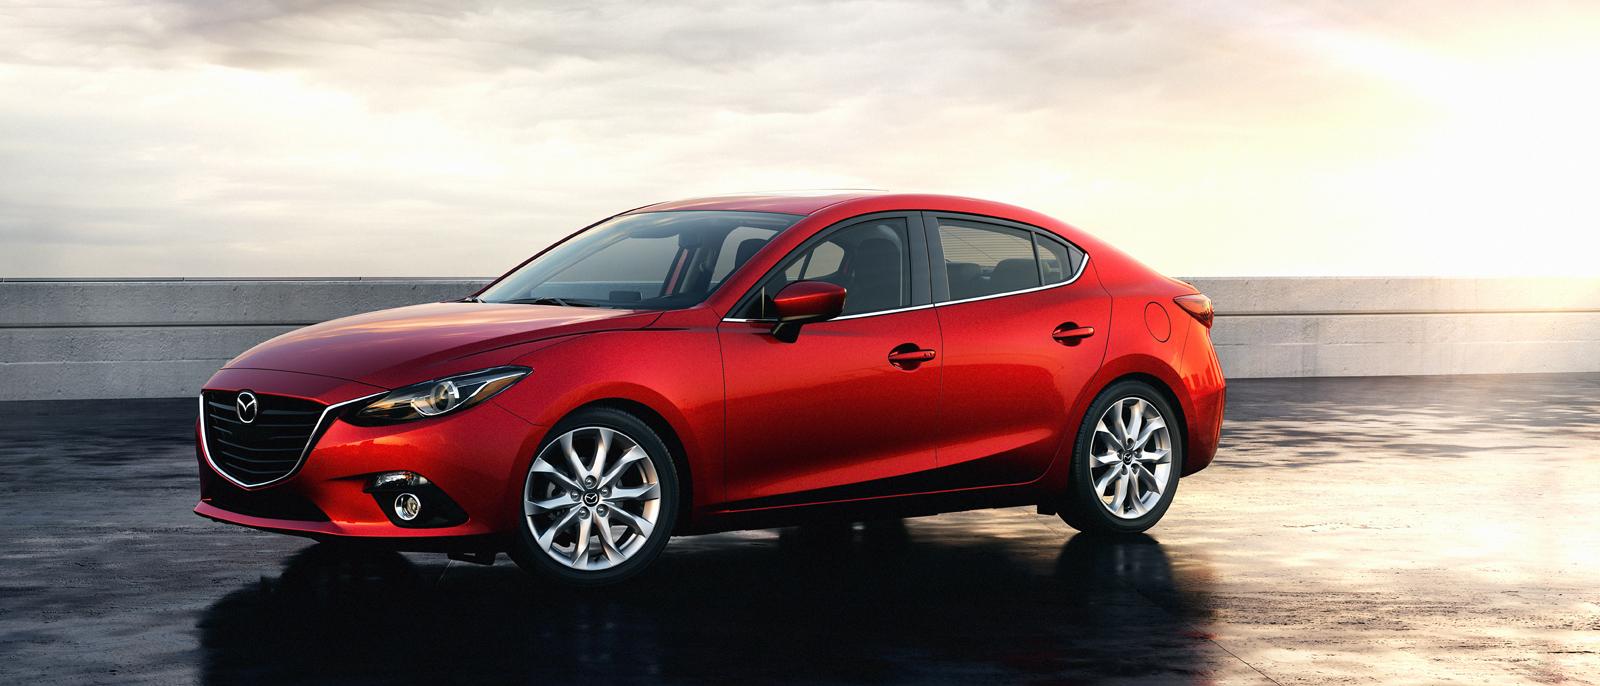 2014 Mazda3 4dr